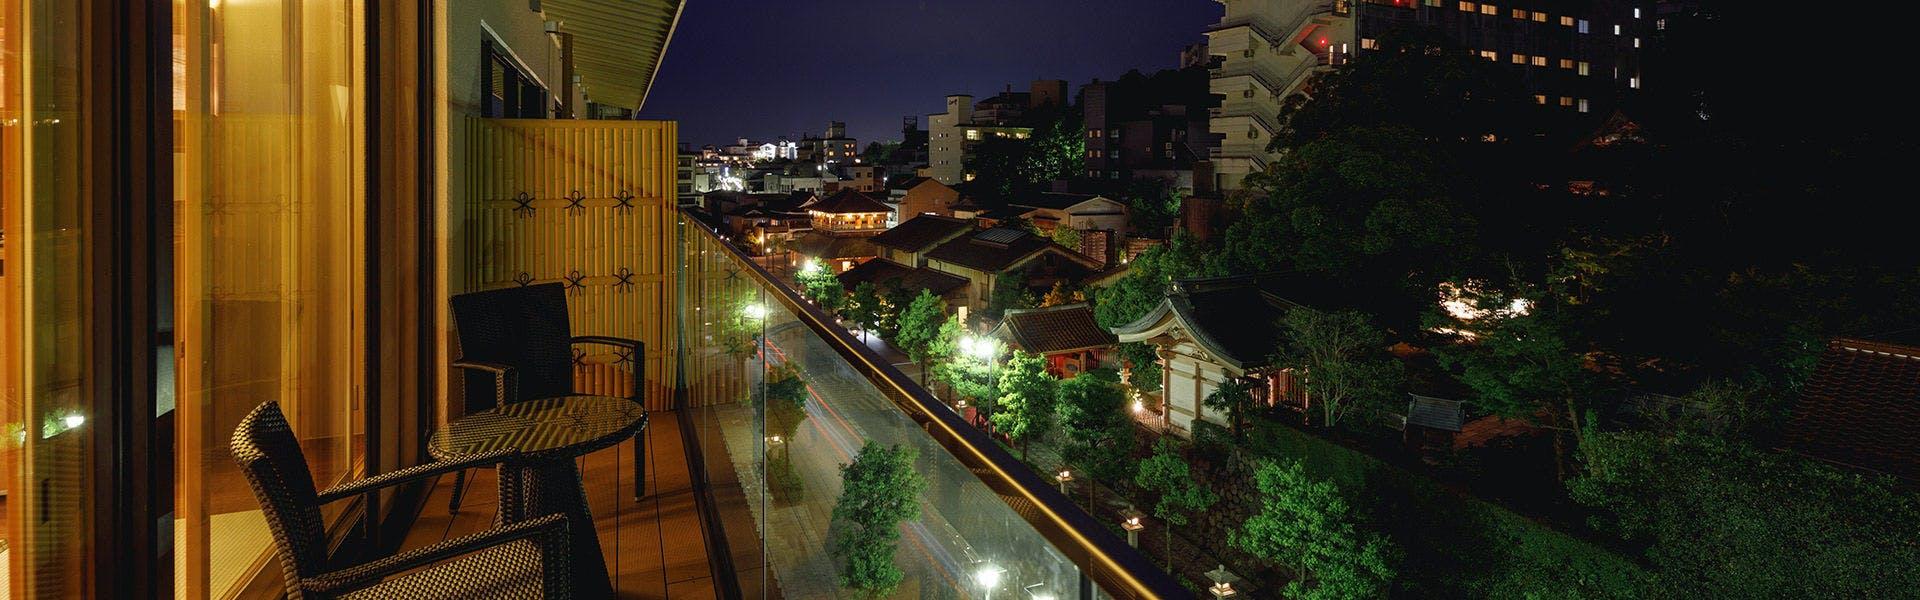 記念日におすすめのホテル・たちばな四季亭の写真1